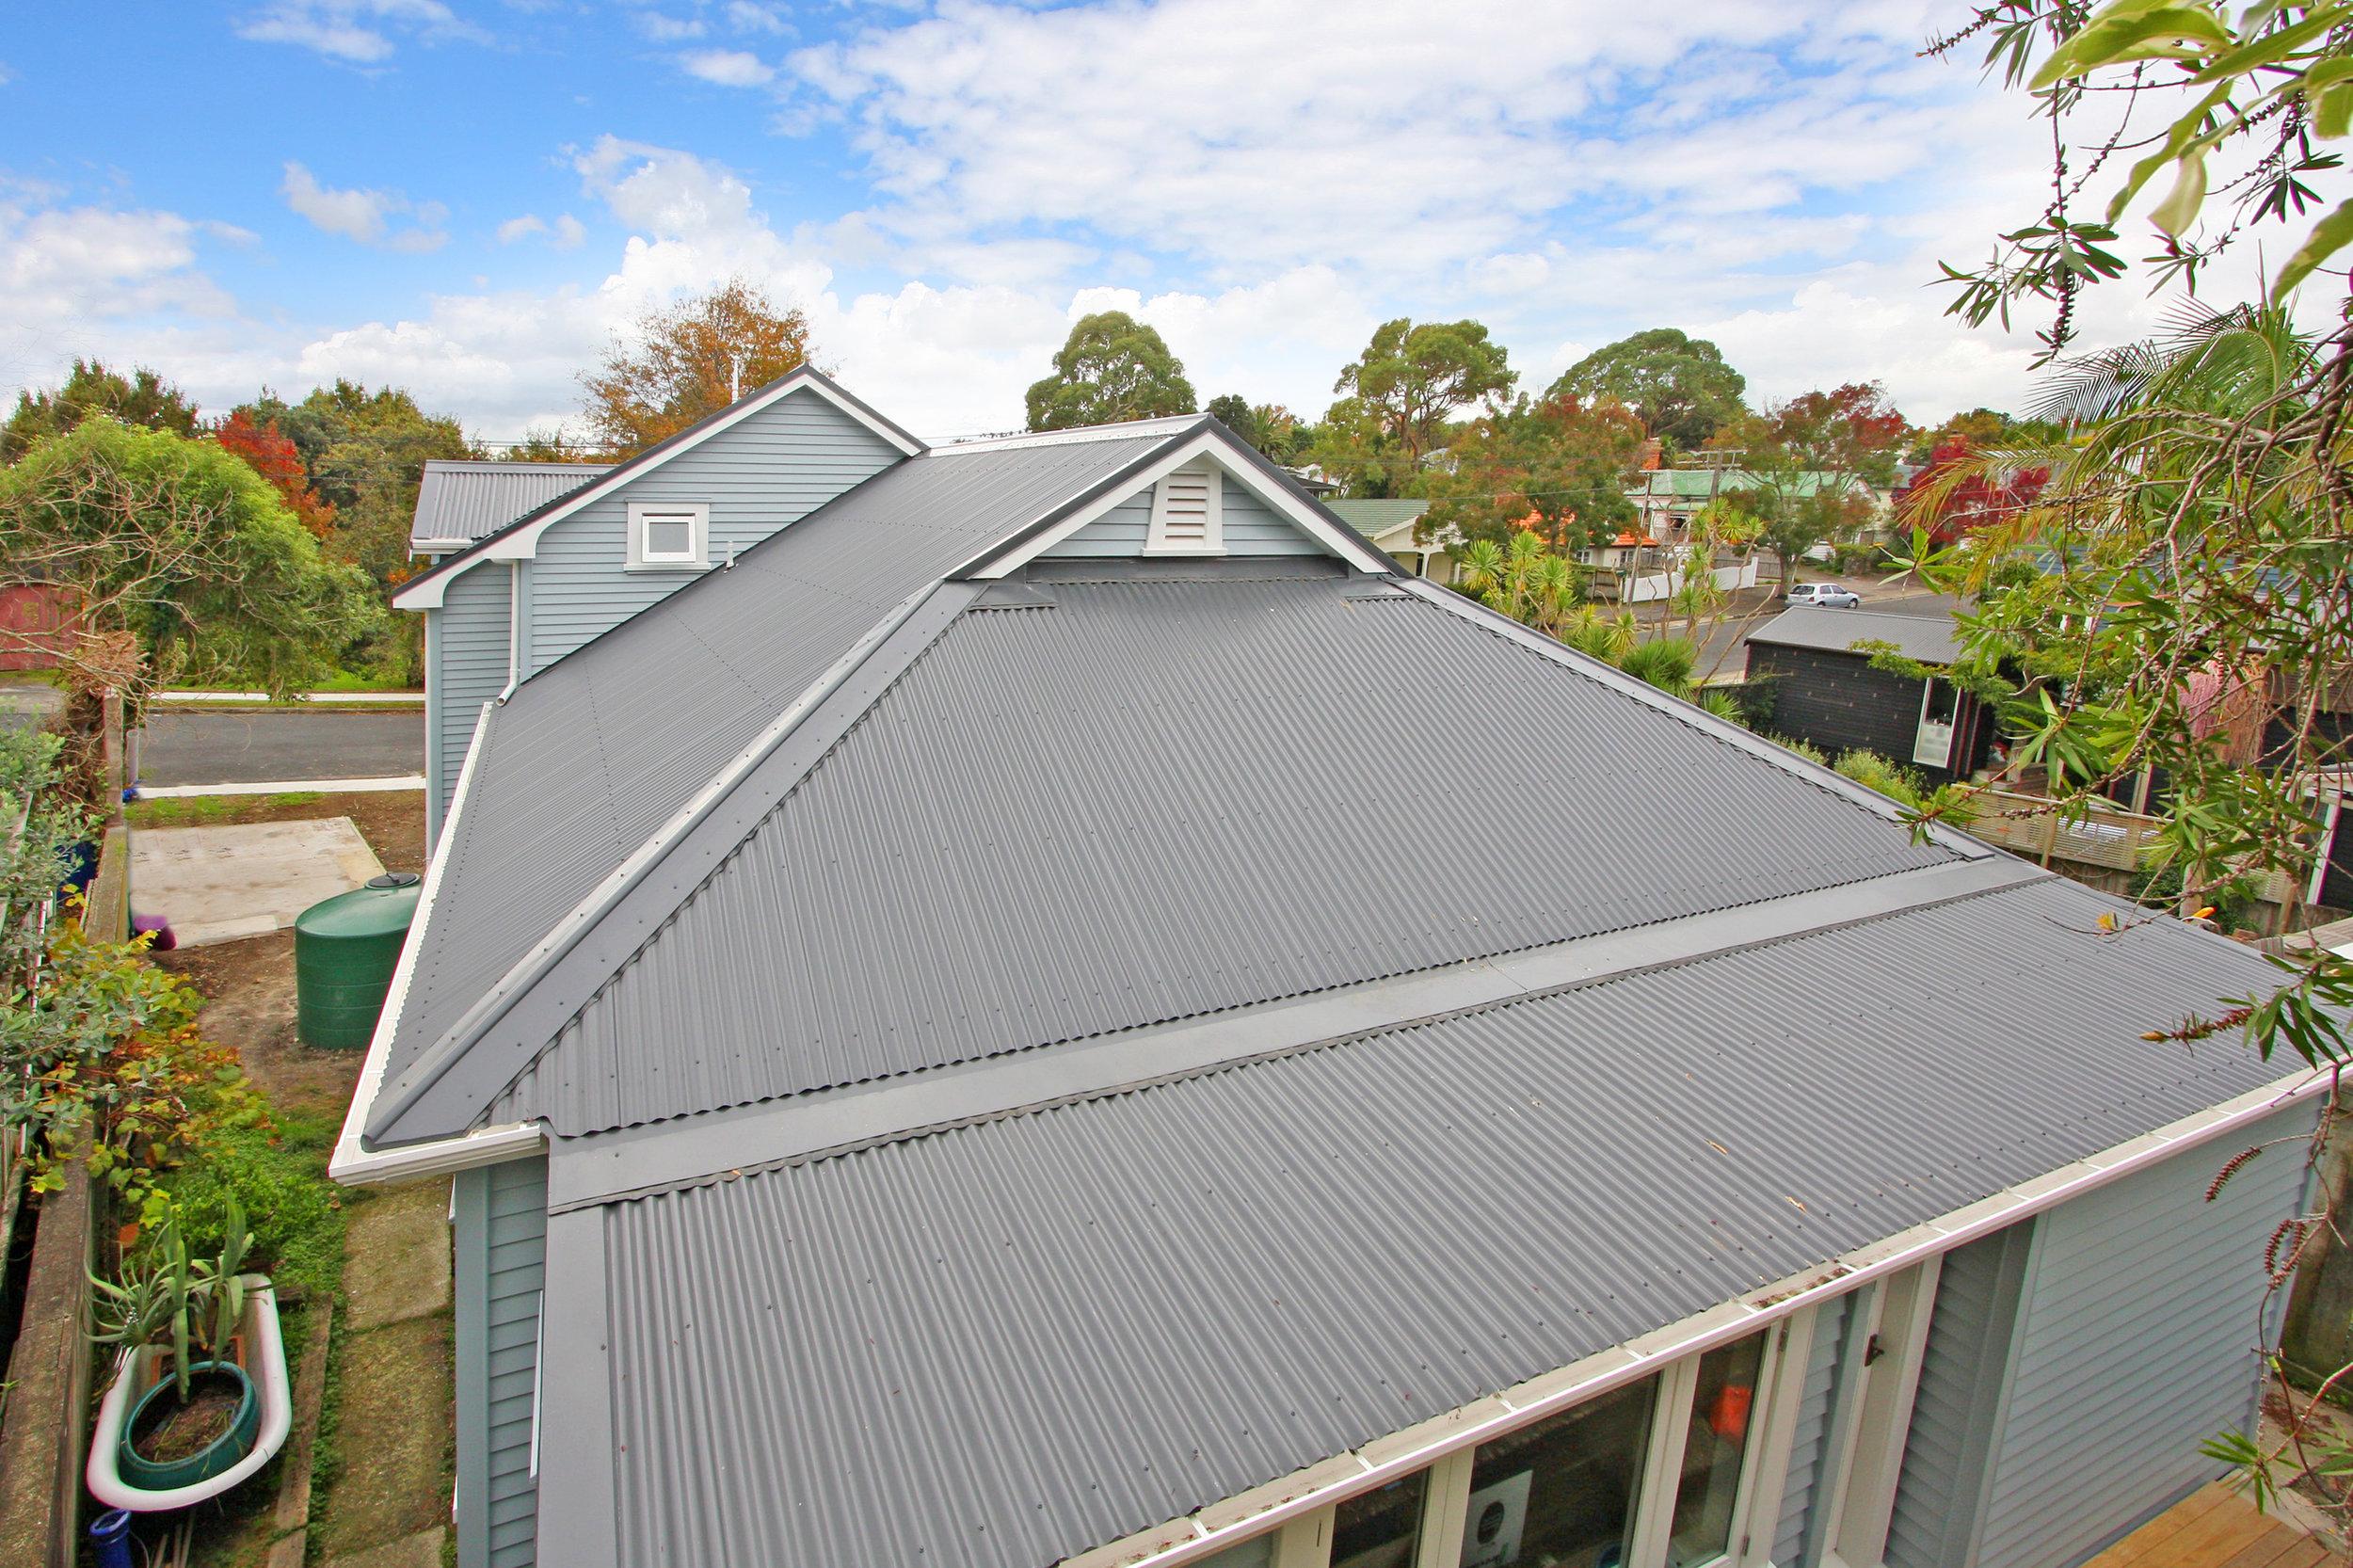 The-Roofing-Store-Steel-Metal-Corrugate-Vitor-0.55-Grey-Friars-7.jpg.jpg